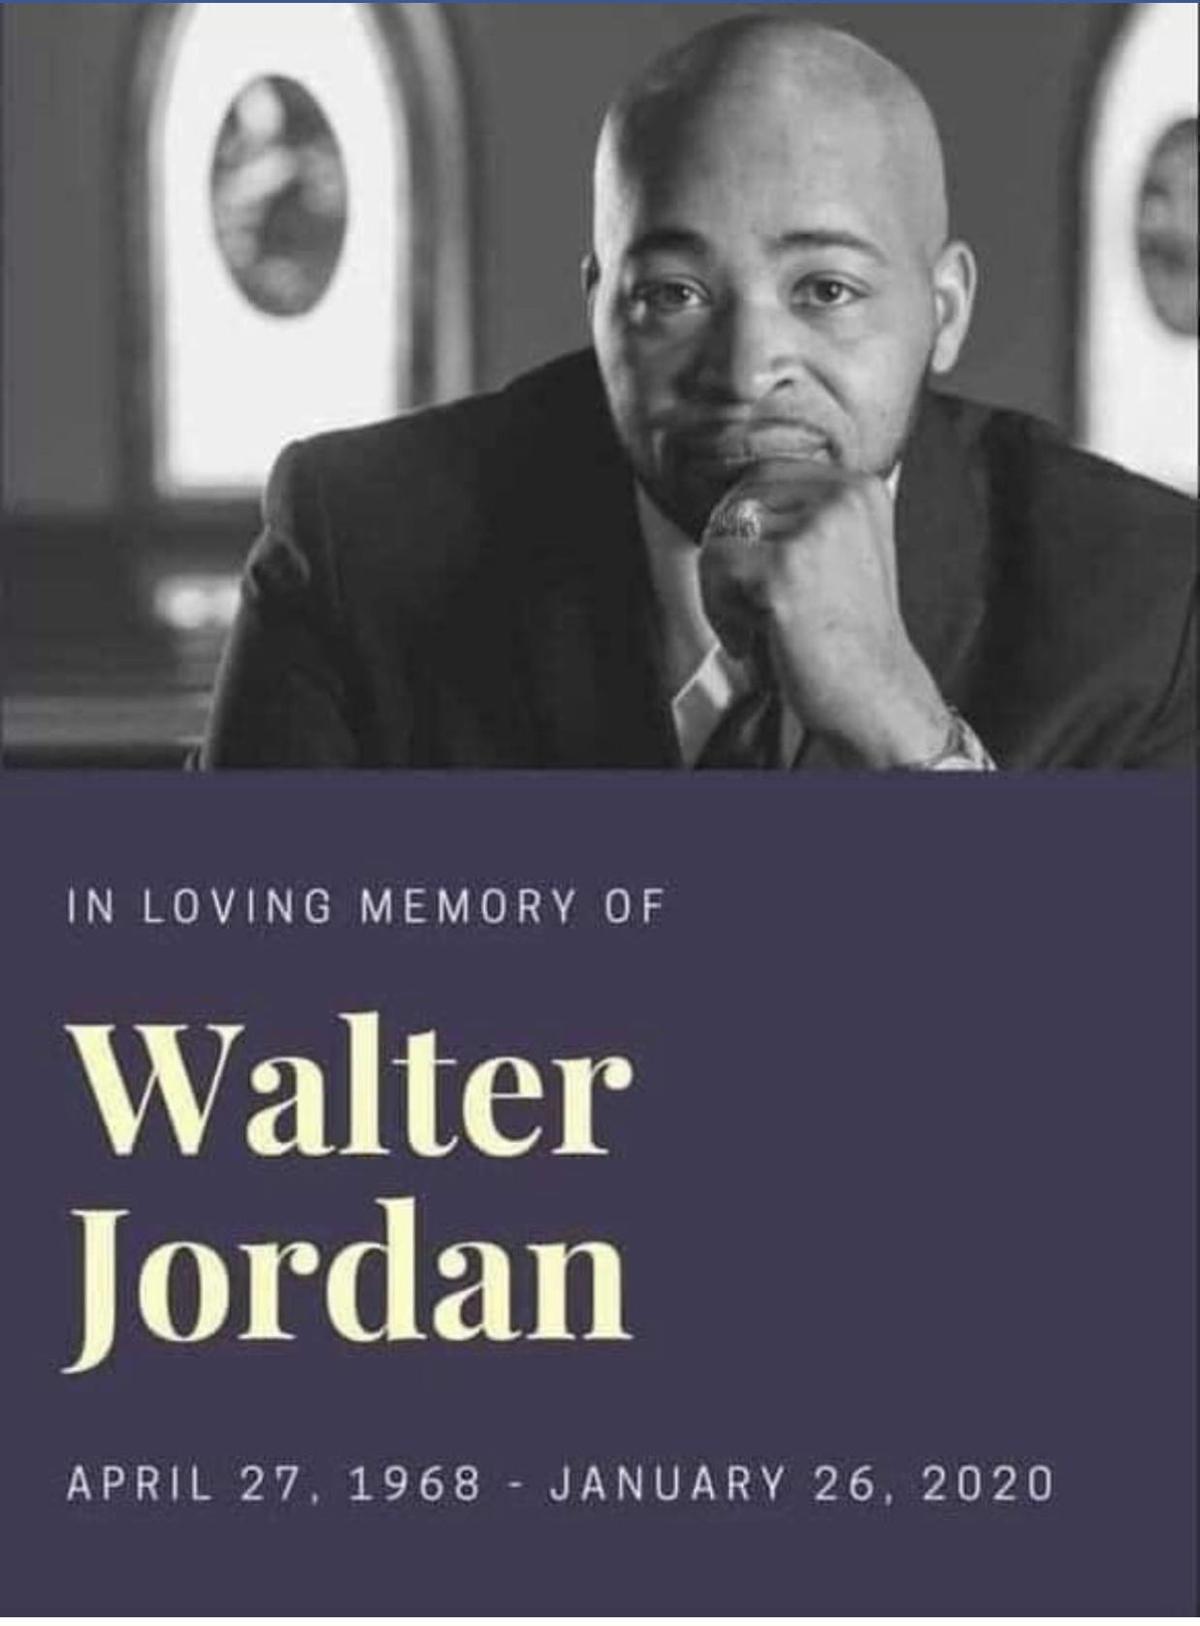 RIP Walter Jordan